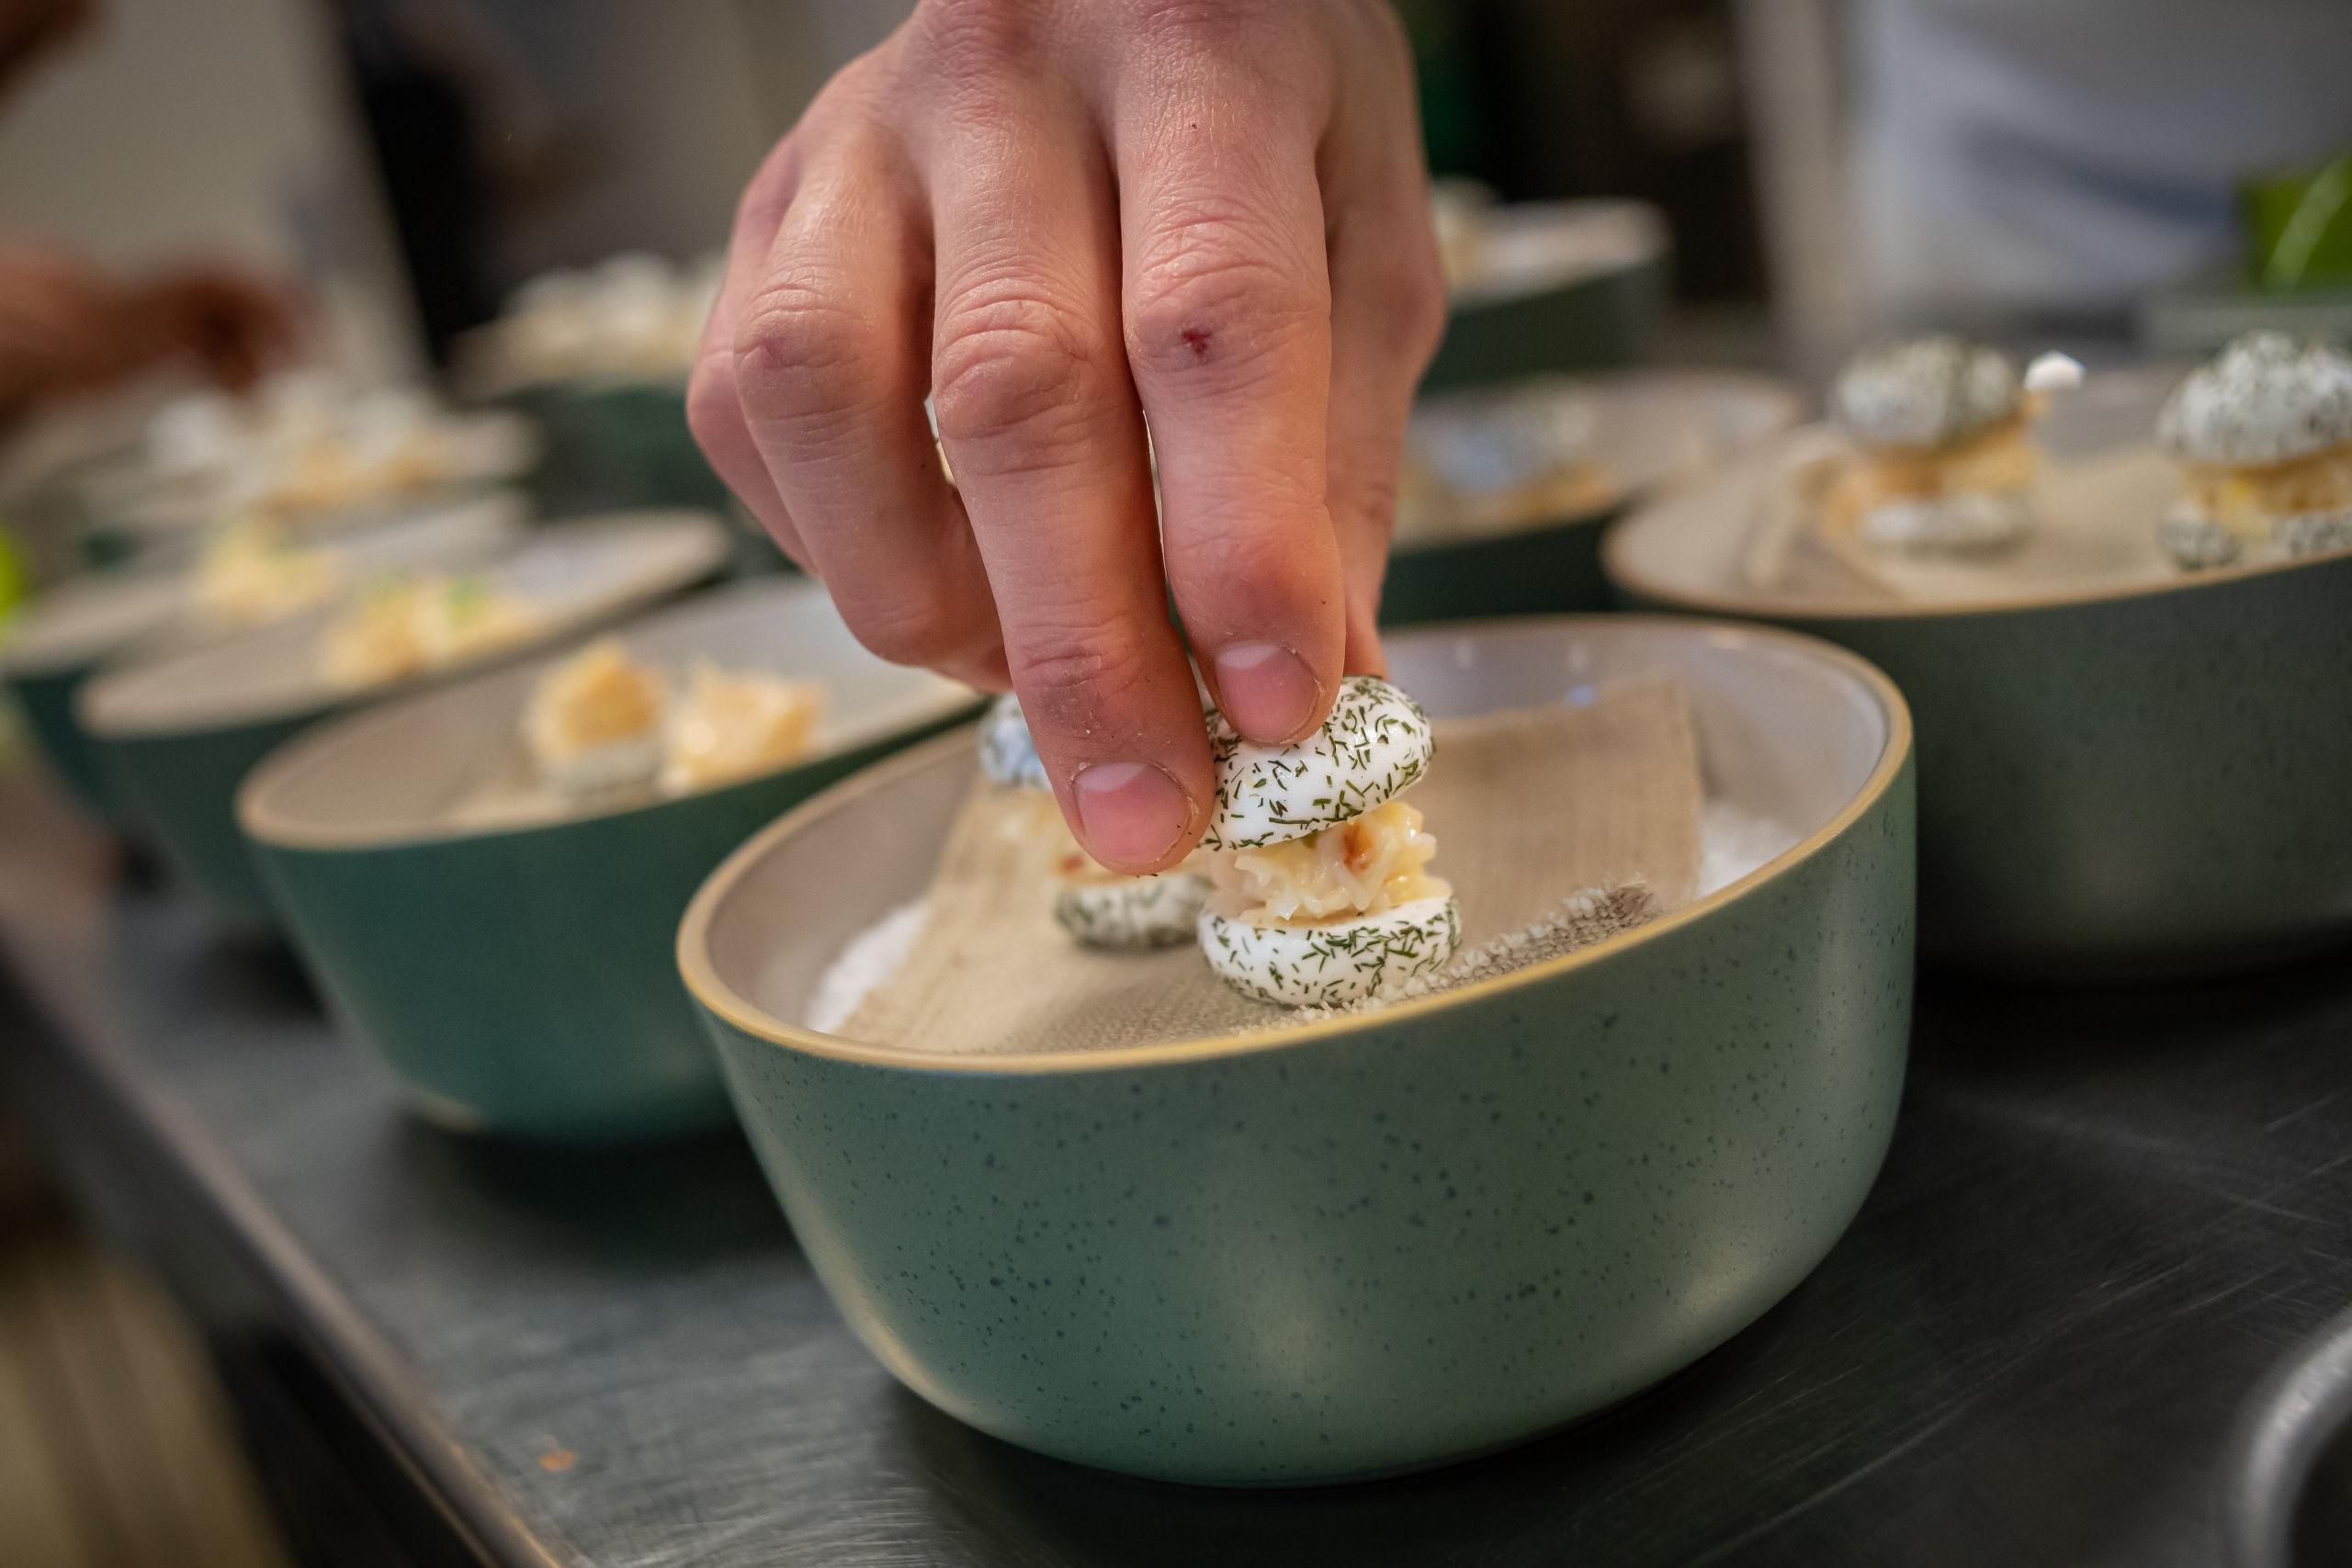 Endnu en gang blev det til flotte, kreative og velsmagende retter, da to af Nordjyllands gourmetrestauranter stødte sammen i dyst. Foto: Martin Damgård